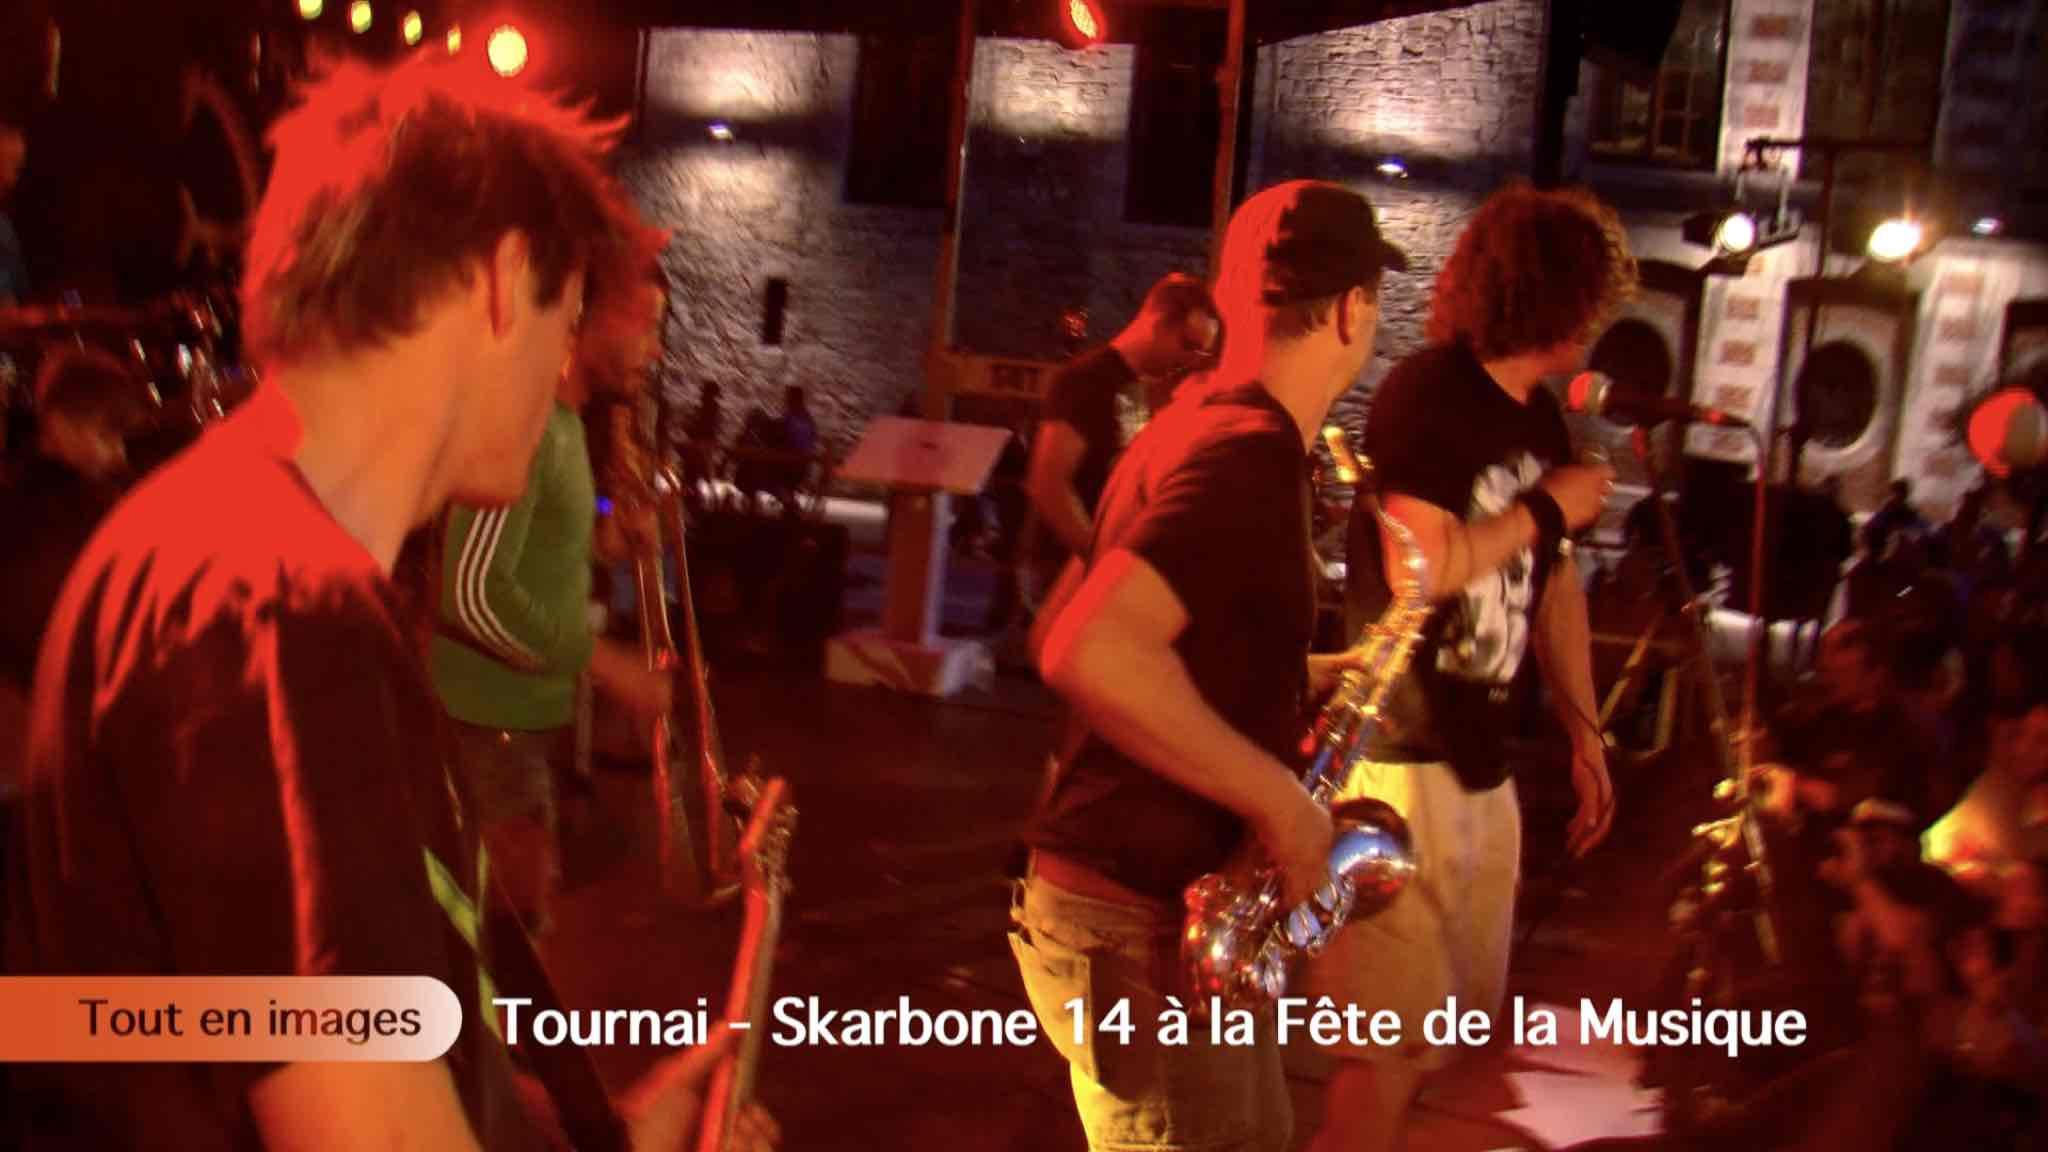 Skarbone 14 - Fête de la musique